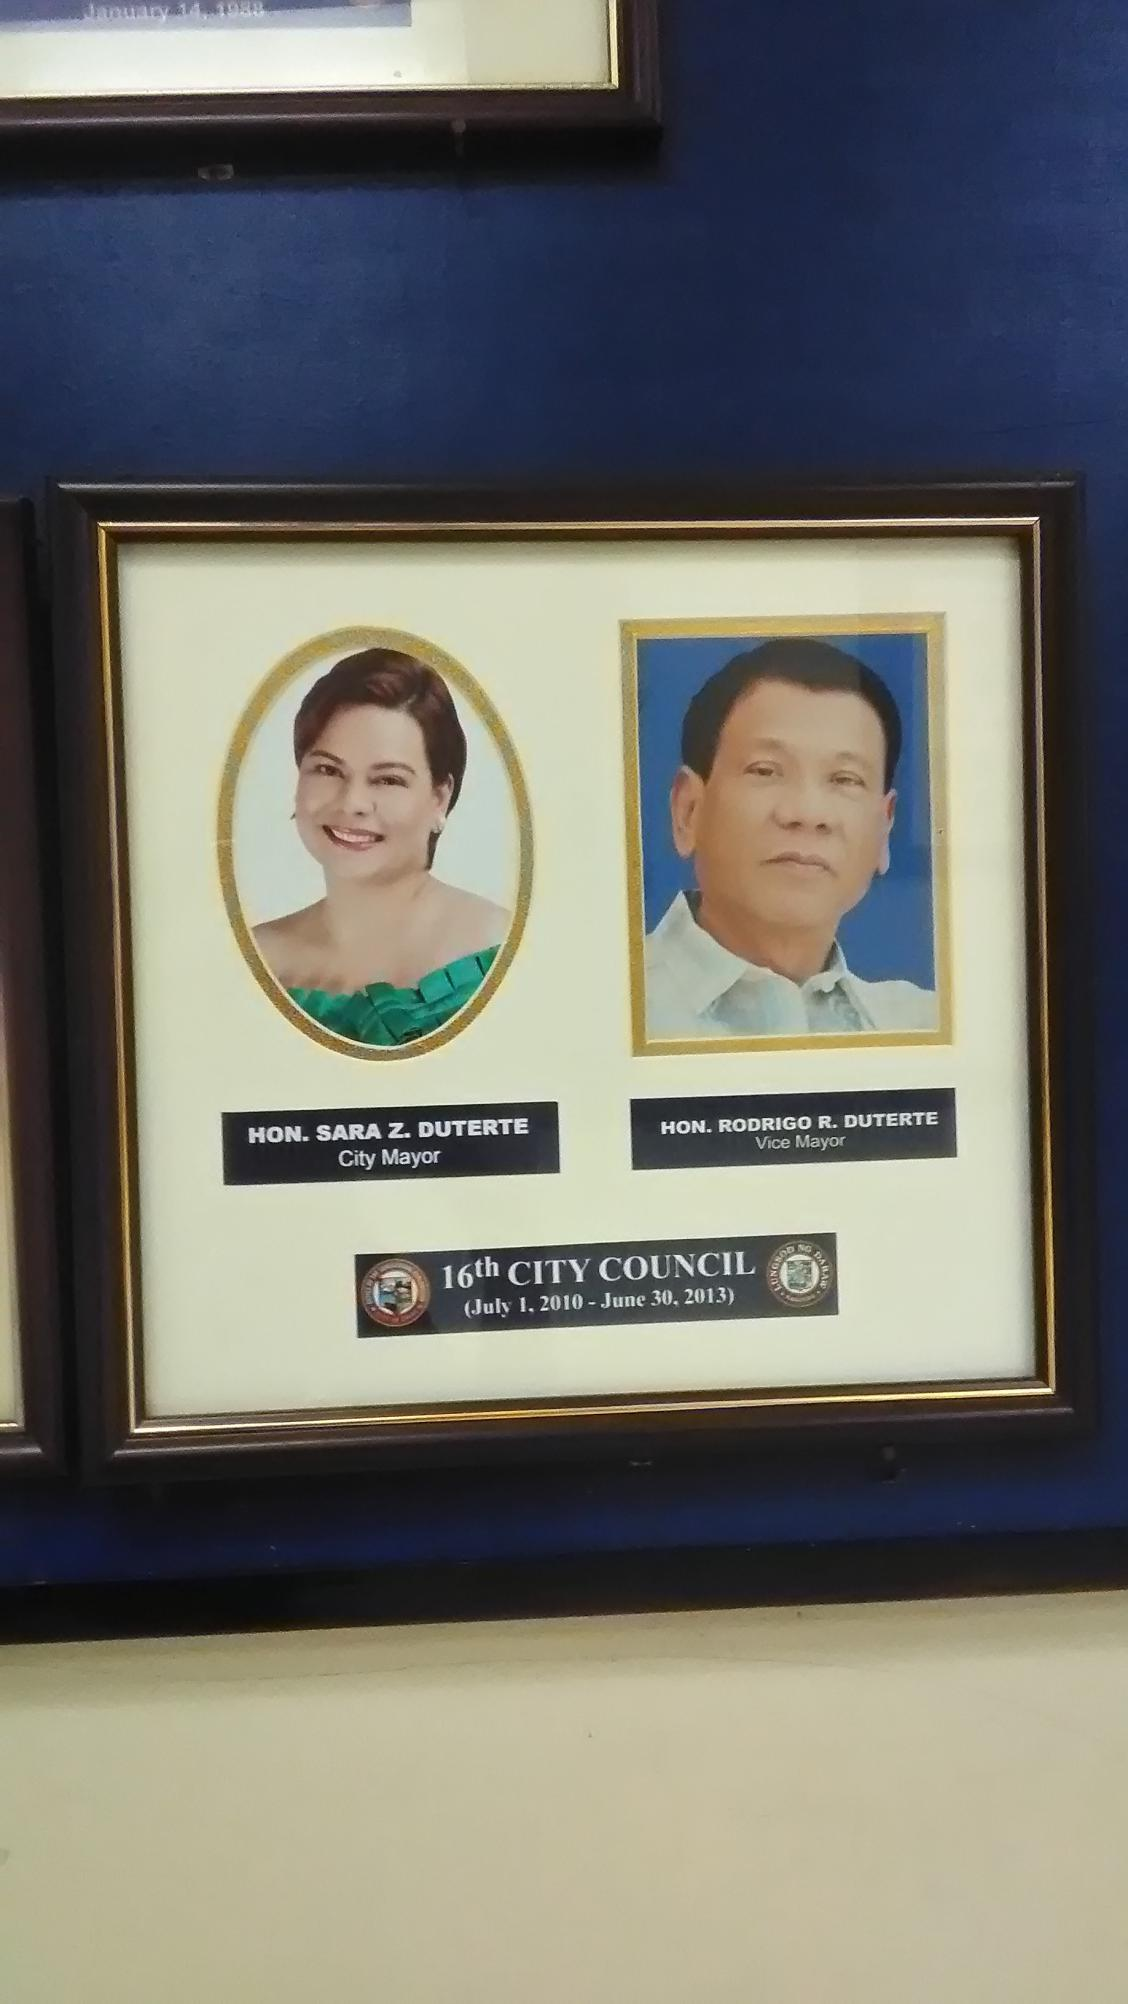 21世紀はフィリピンの時代になる